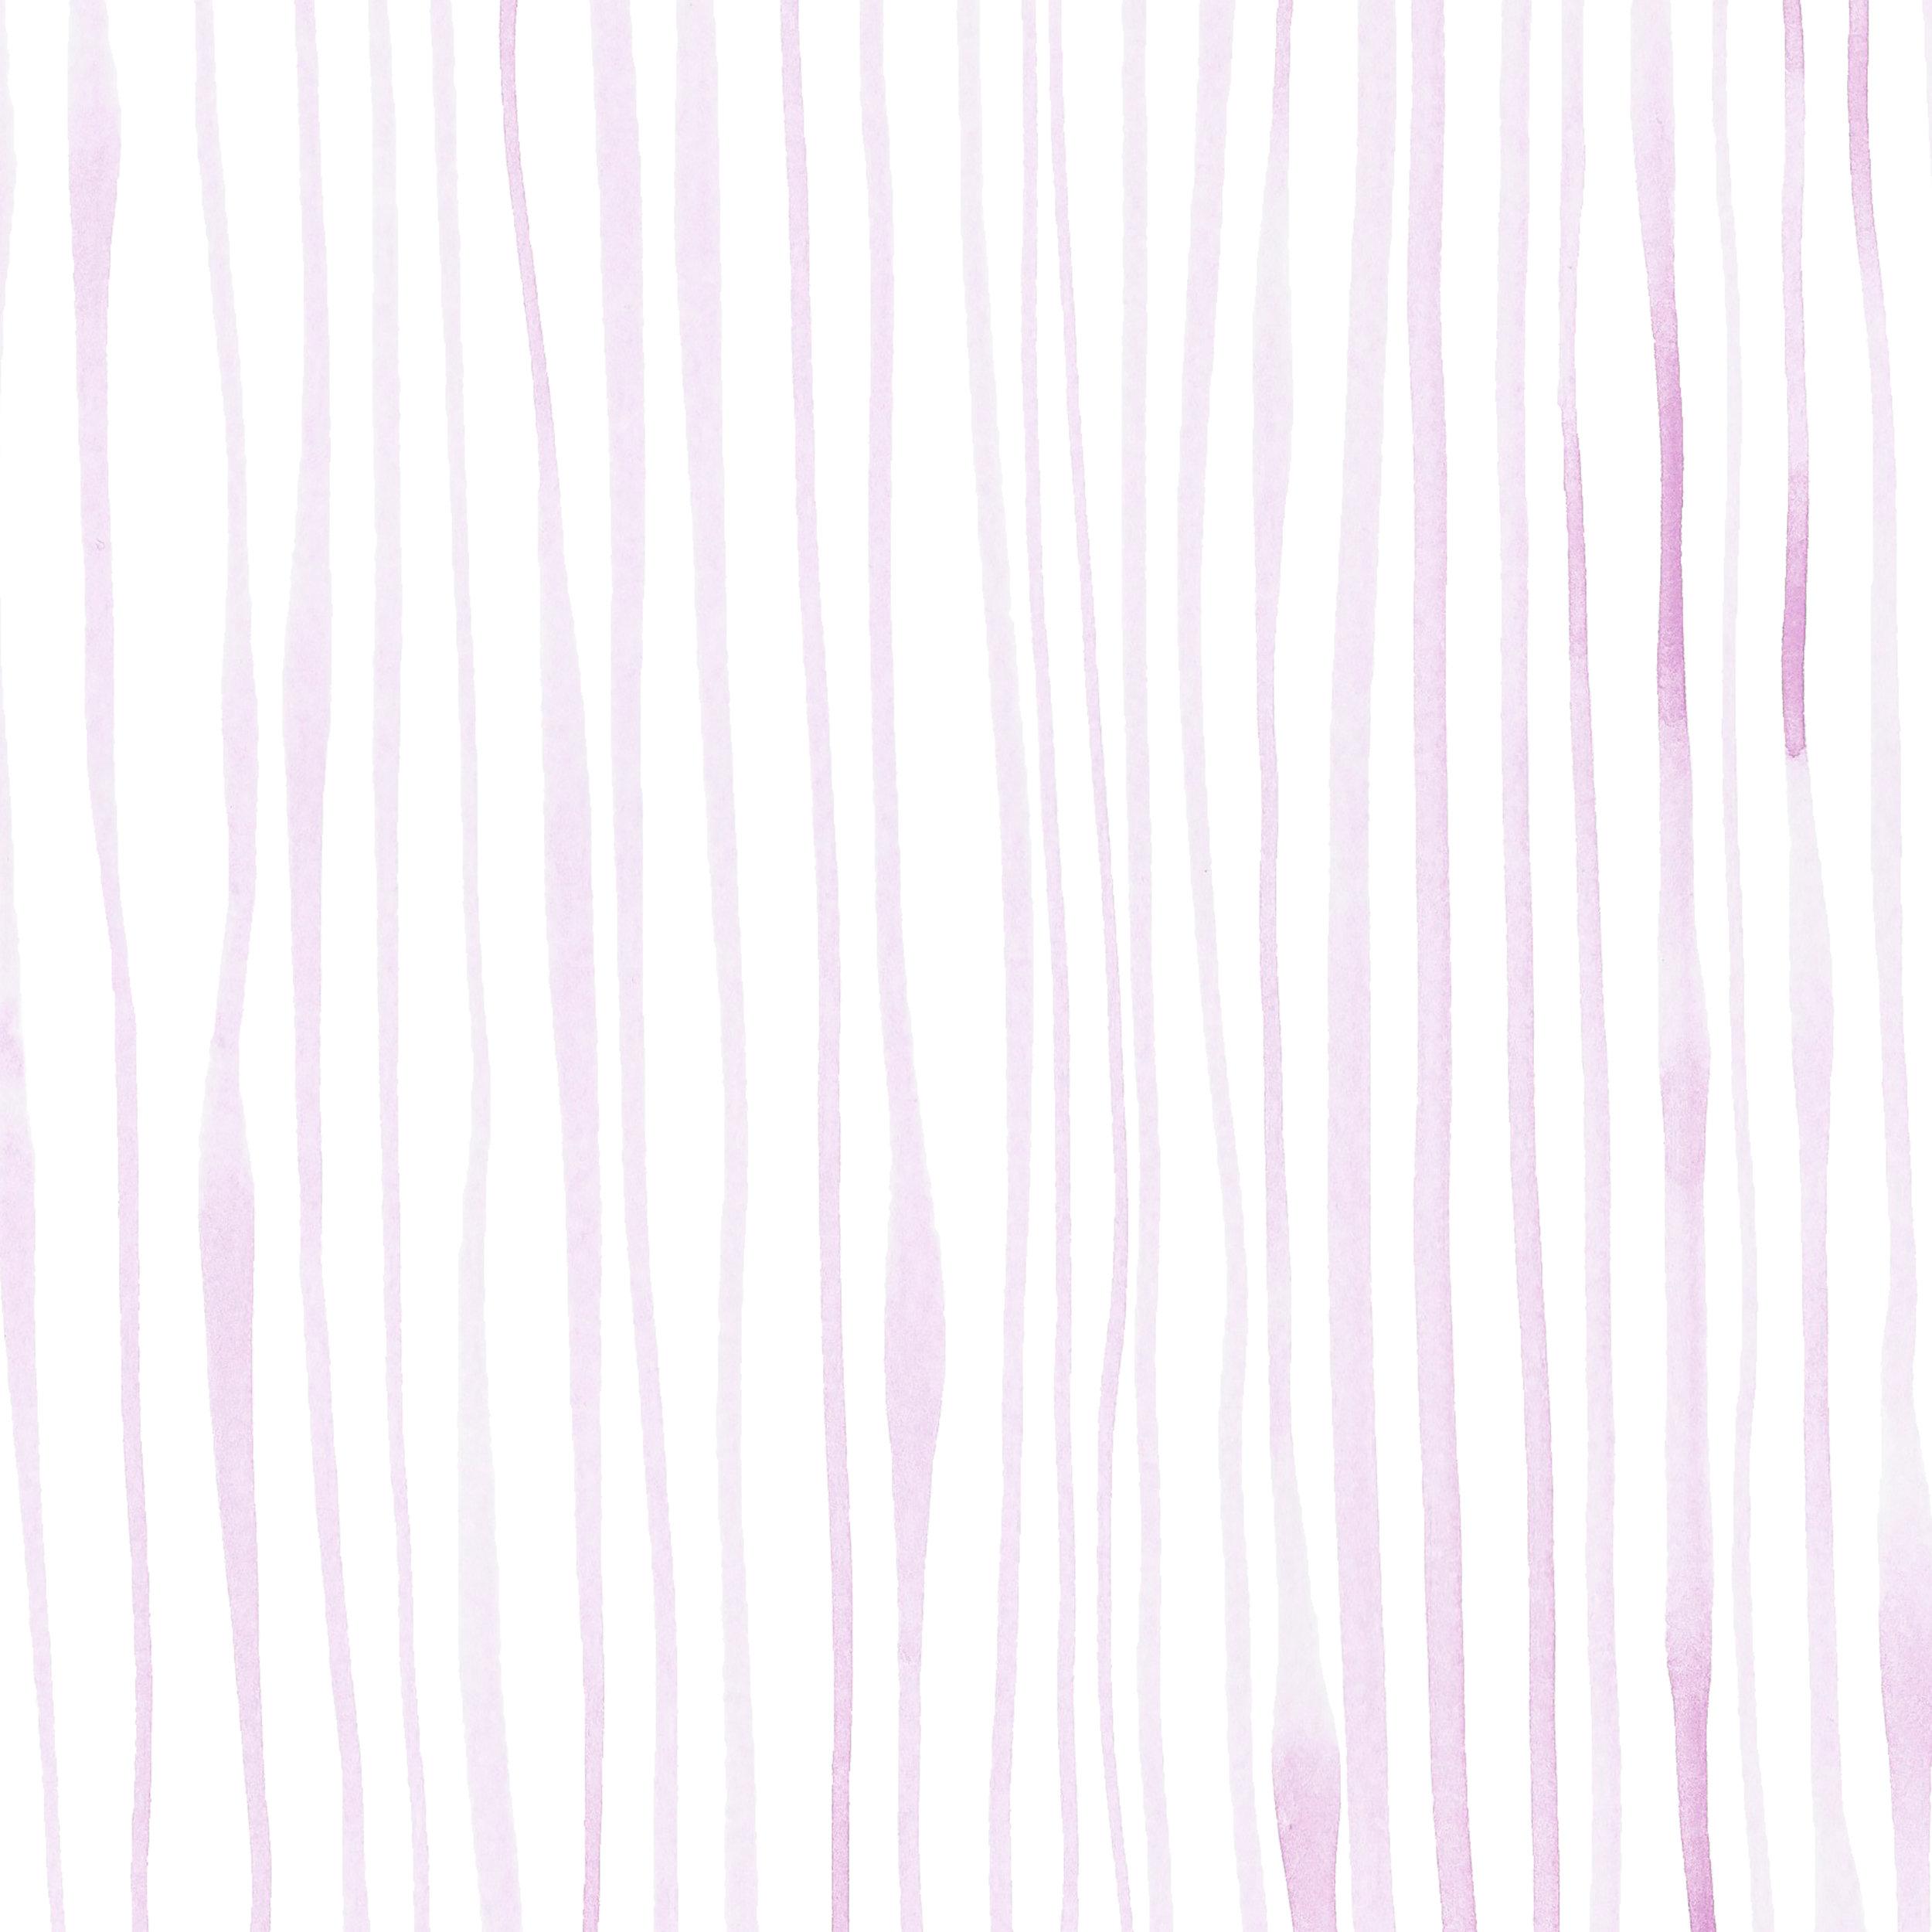 Bettina in Lilac